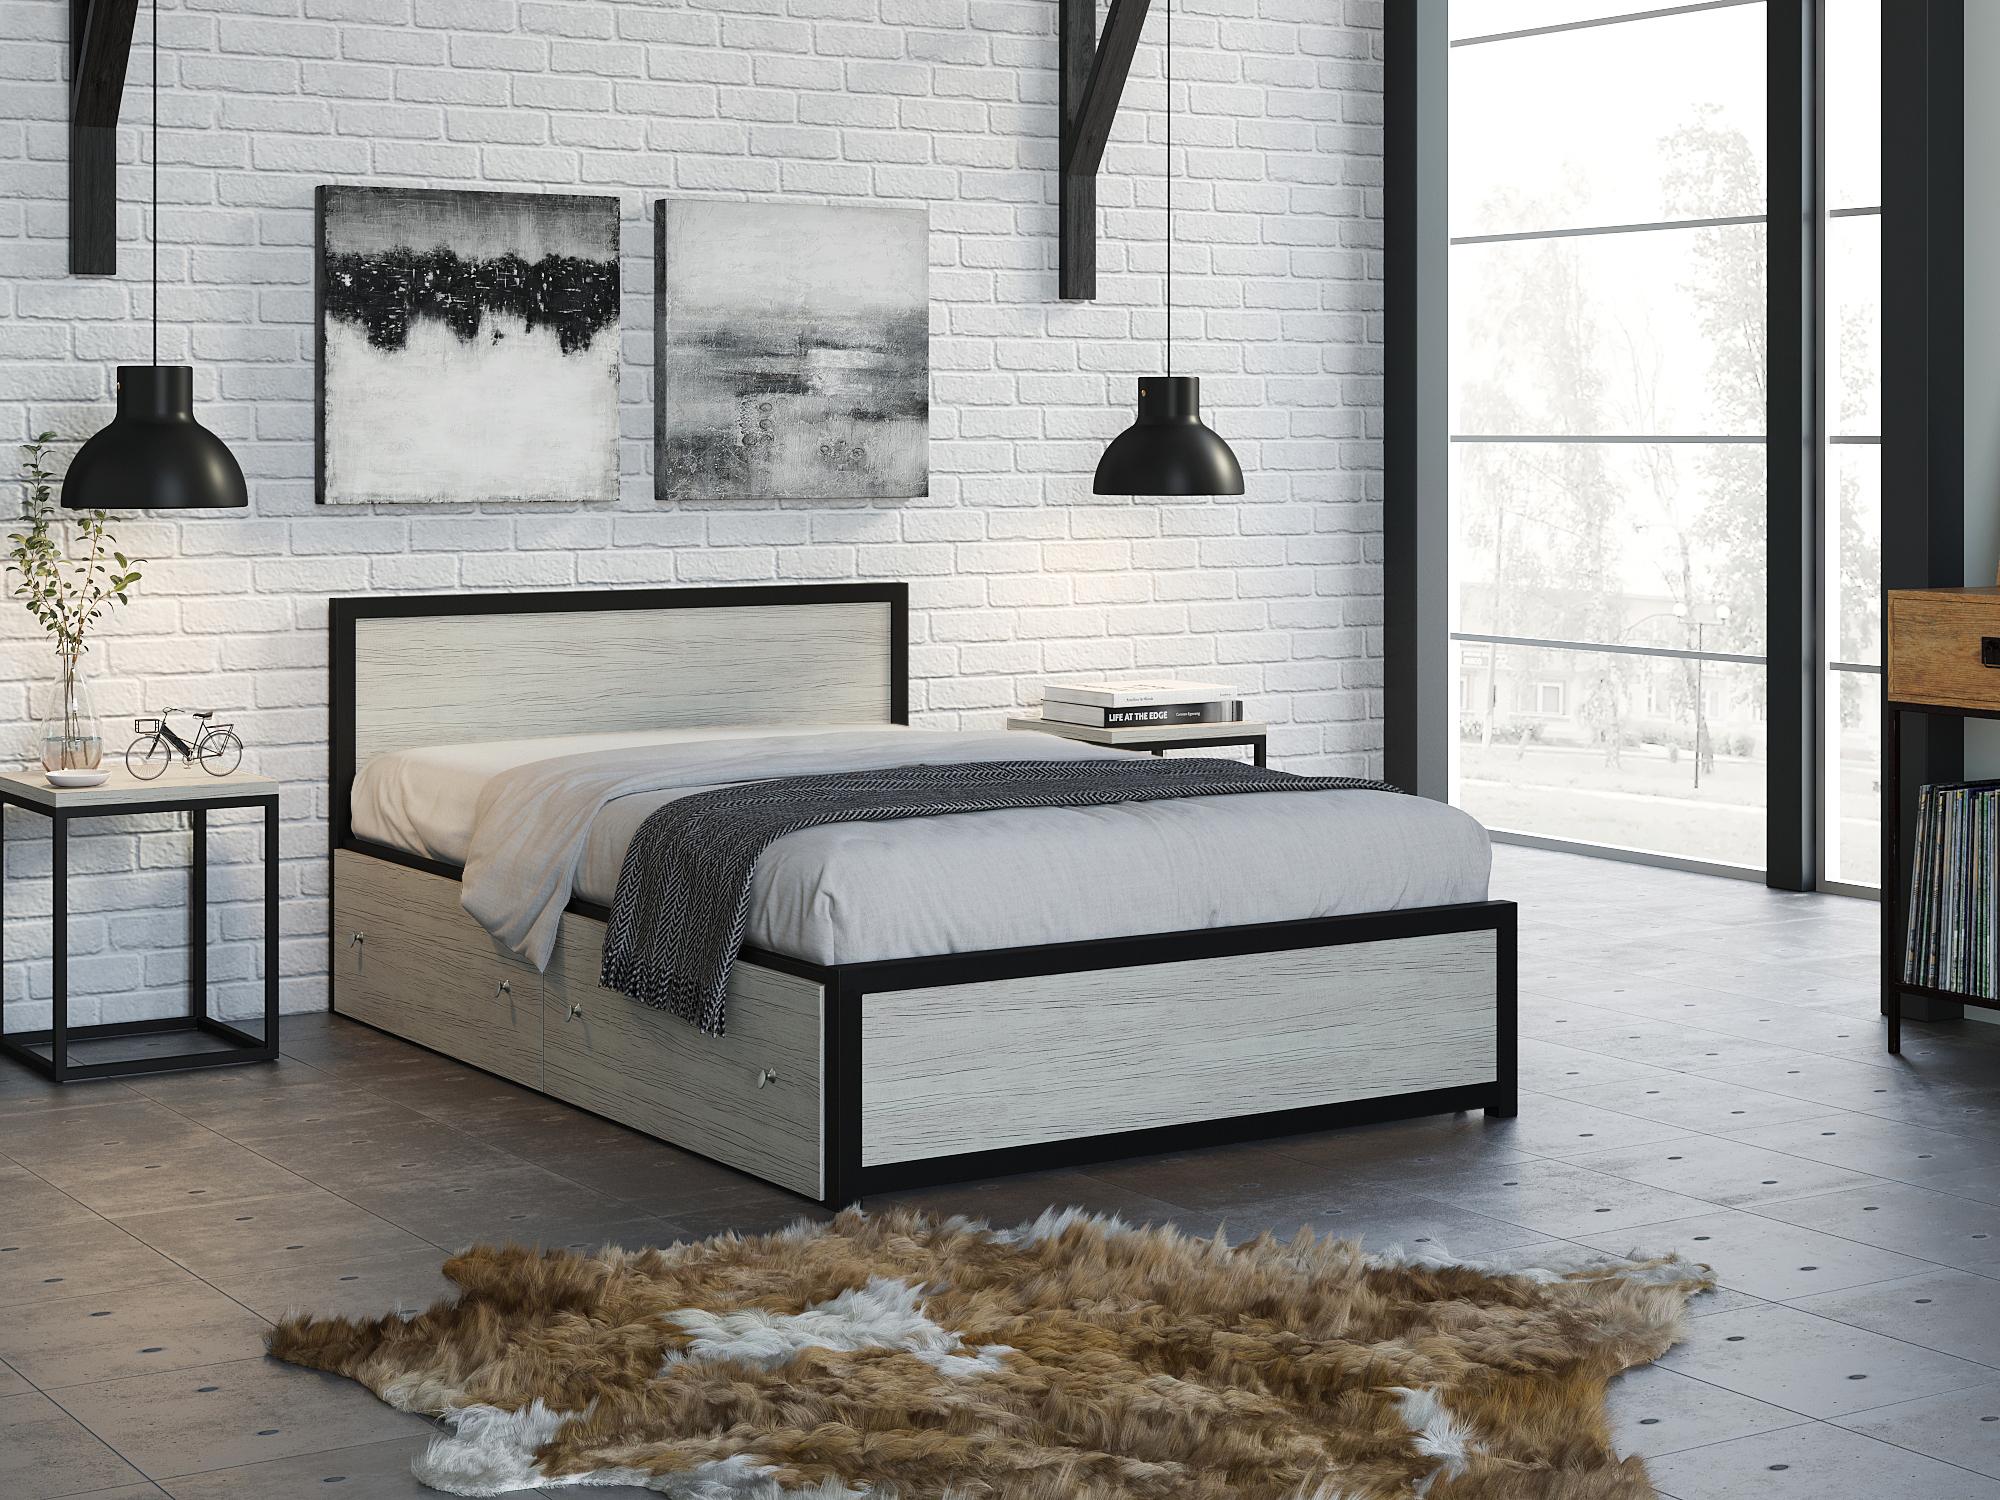 Фото - Кровать Титан (120х190) Дуб крафт белый, Черный, ЛДСП 26 мм, Металл крафт роберт эмиль воздушный пират икс металл